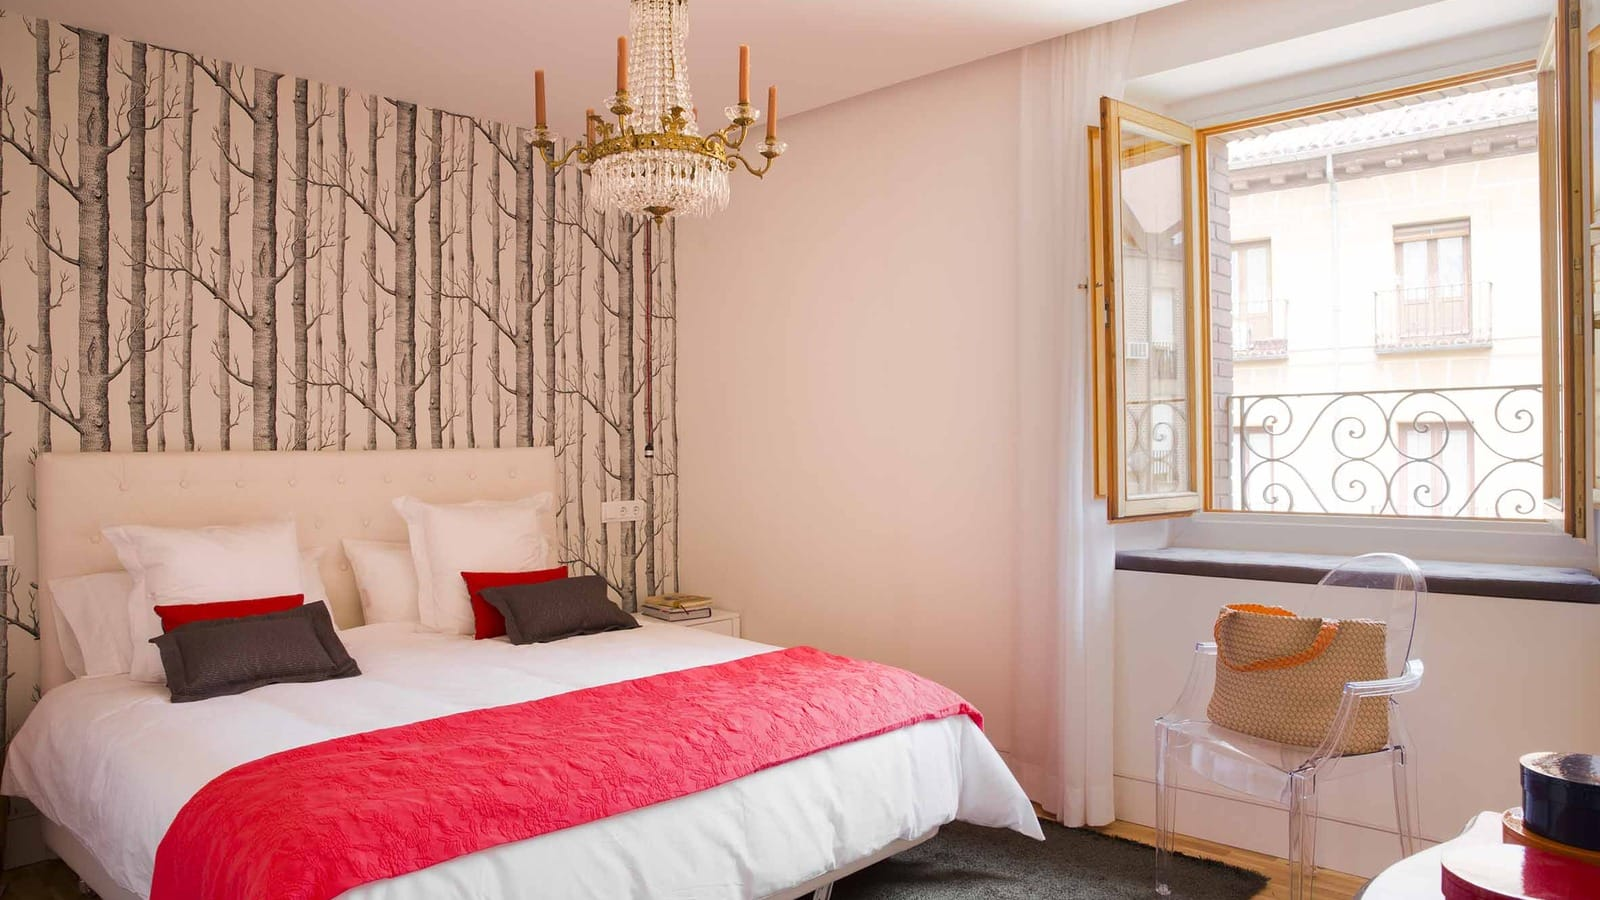 Apartamentos con desayuno en madrid palacio pl conde de miranda - Apartamento turistico madrid ...